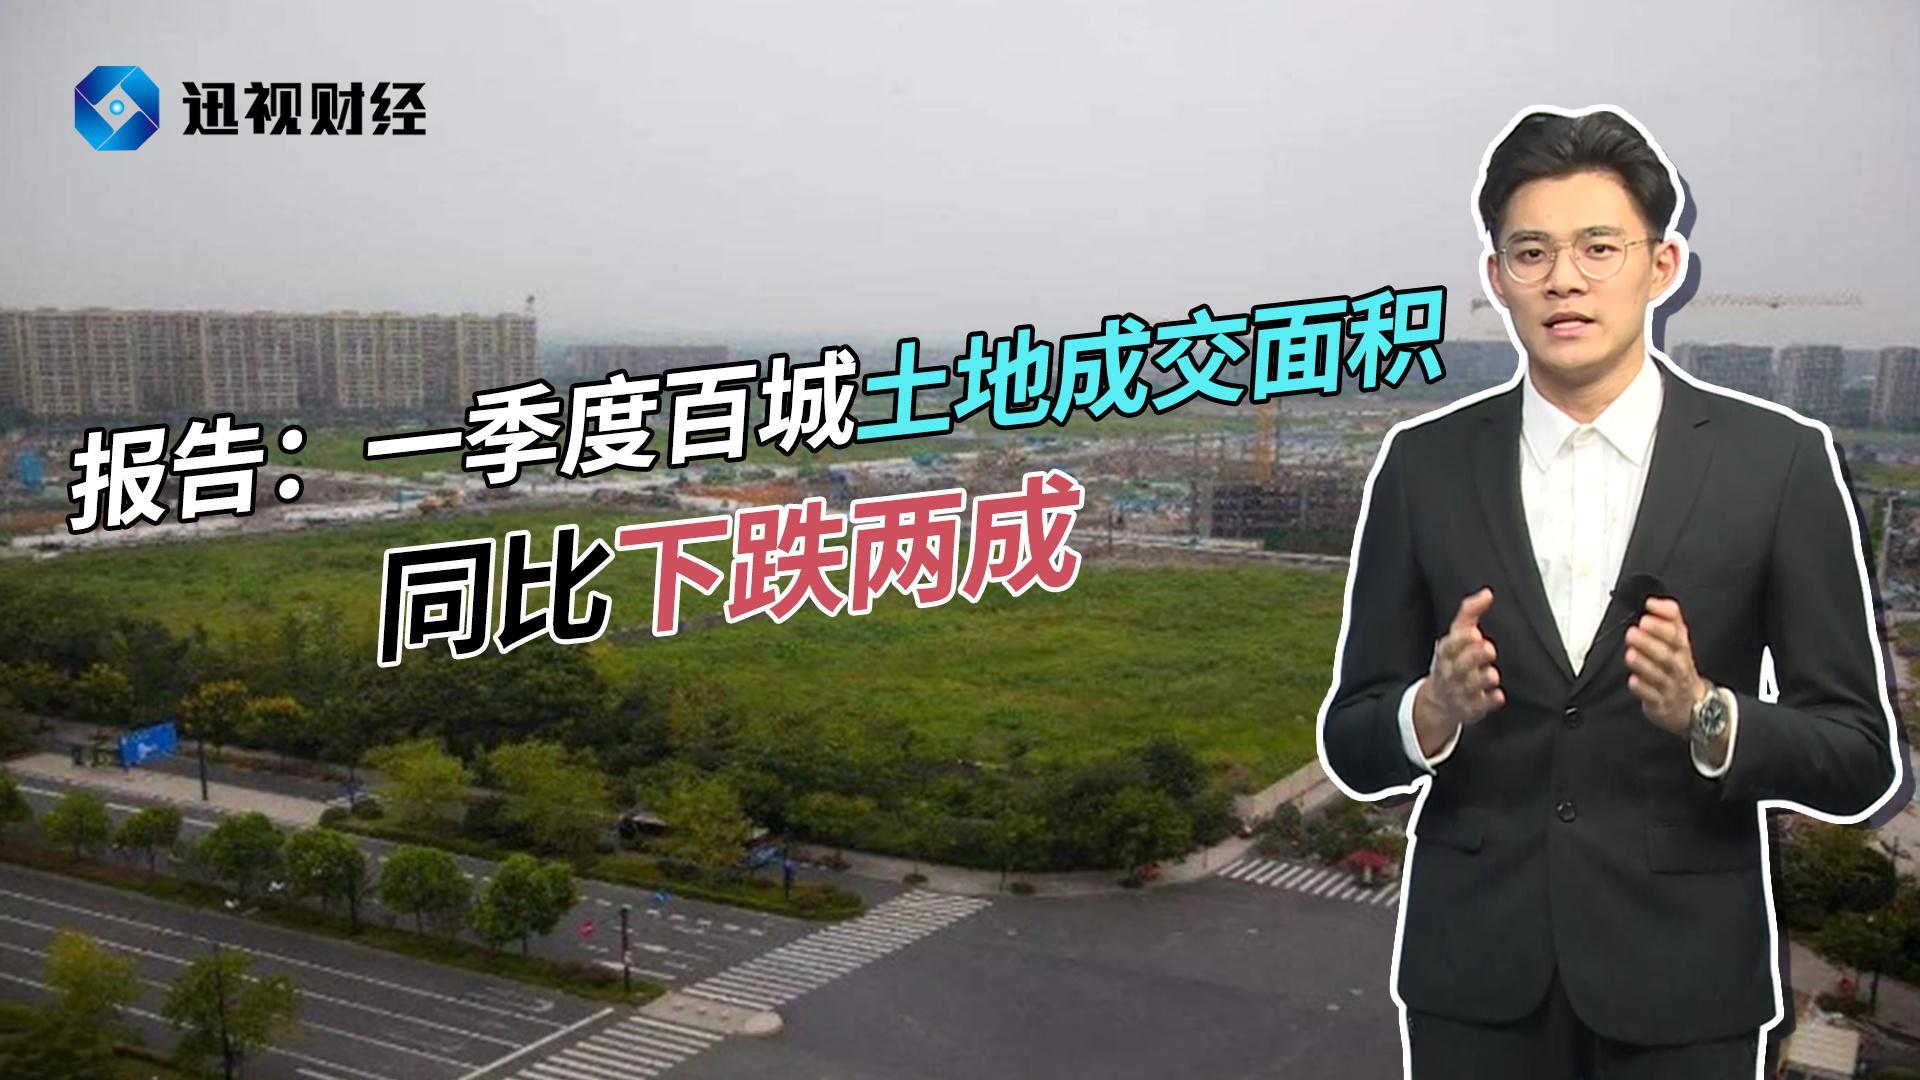 最新报告出炉:土地市场降温了!房价会下降吗?